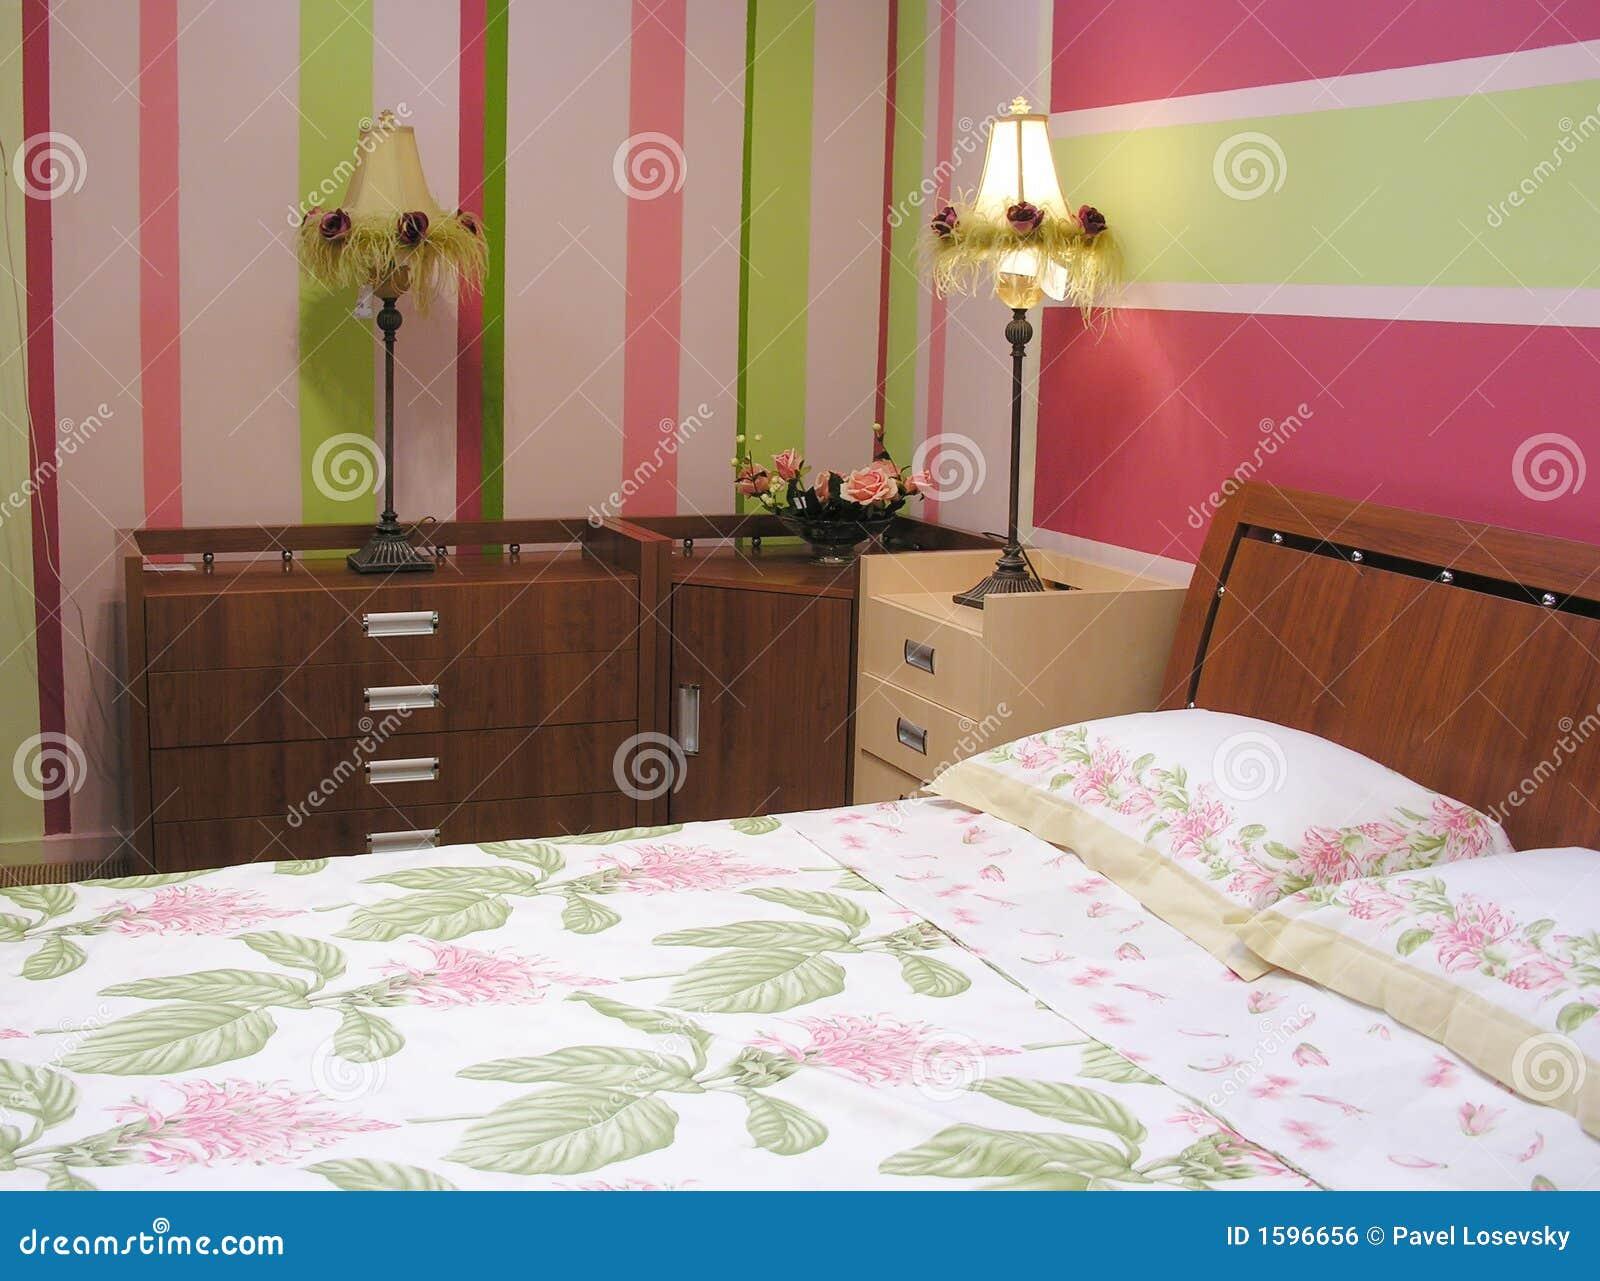 Quarto Verde Corderosa Imagem de Stock Royalty Free  Imagem 1596656